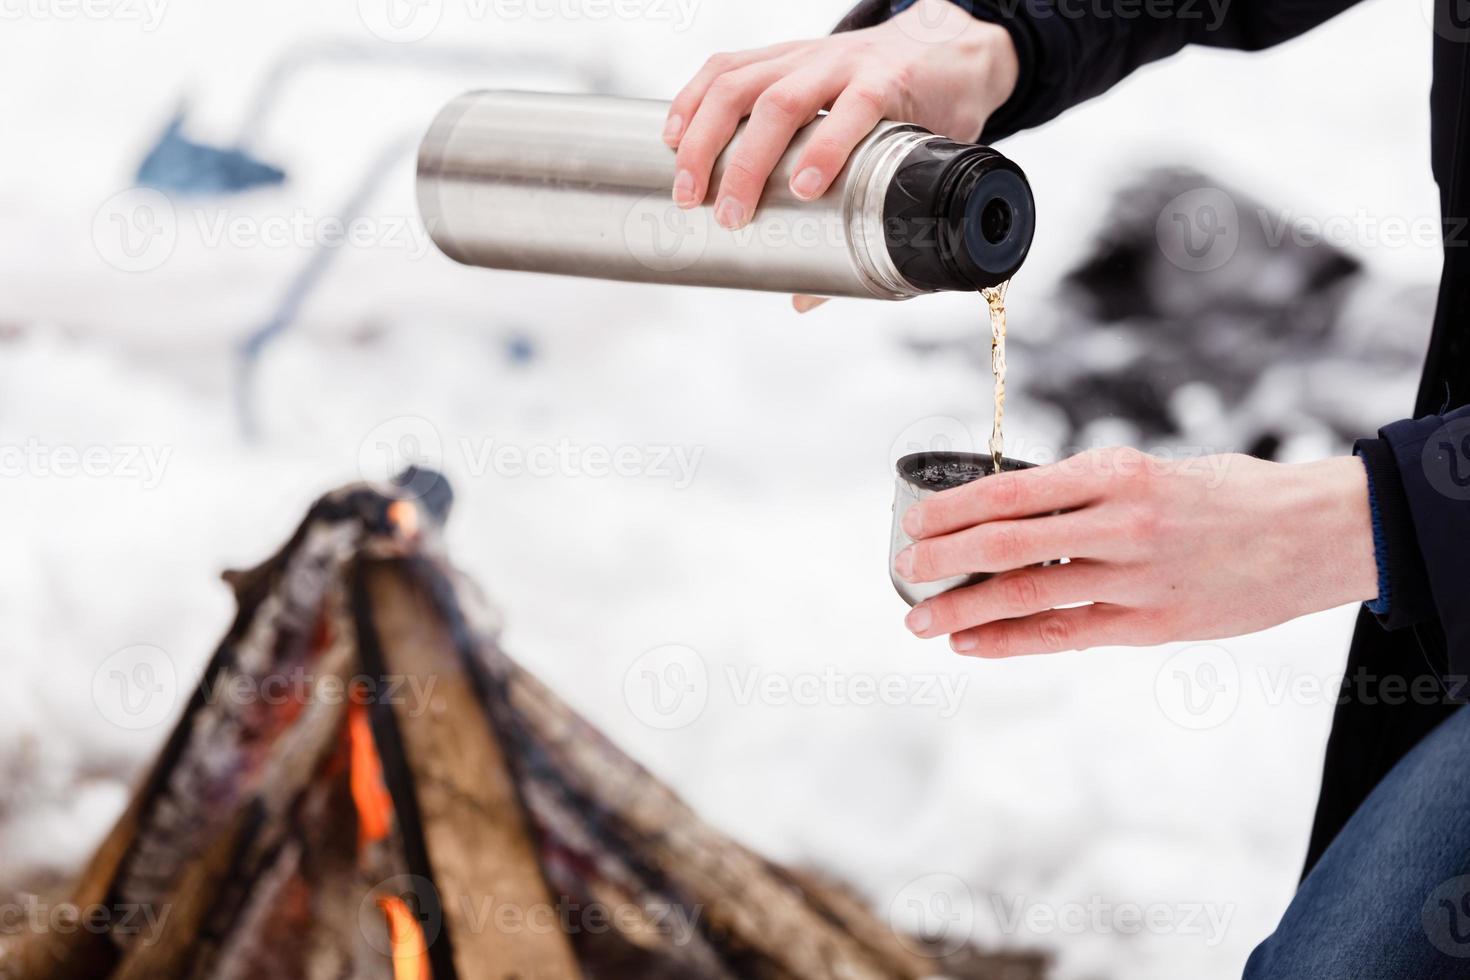 resenär händer man närbild häller te från kolvar i en kopp i skogen nära bål. foto